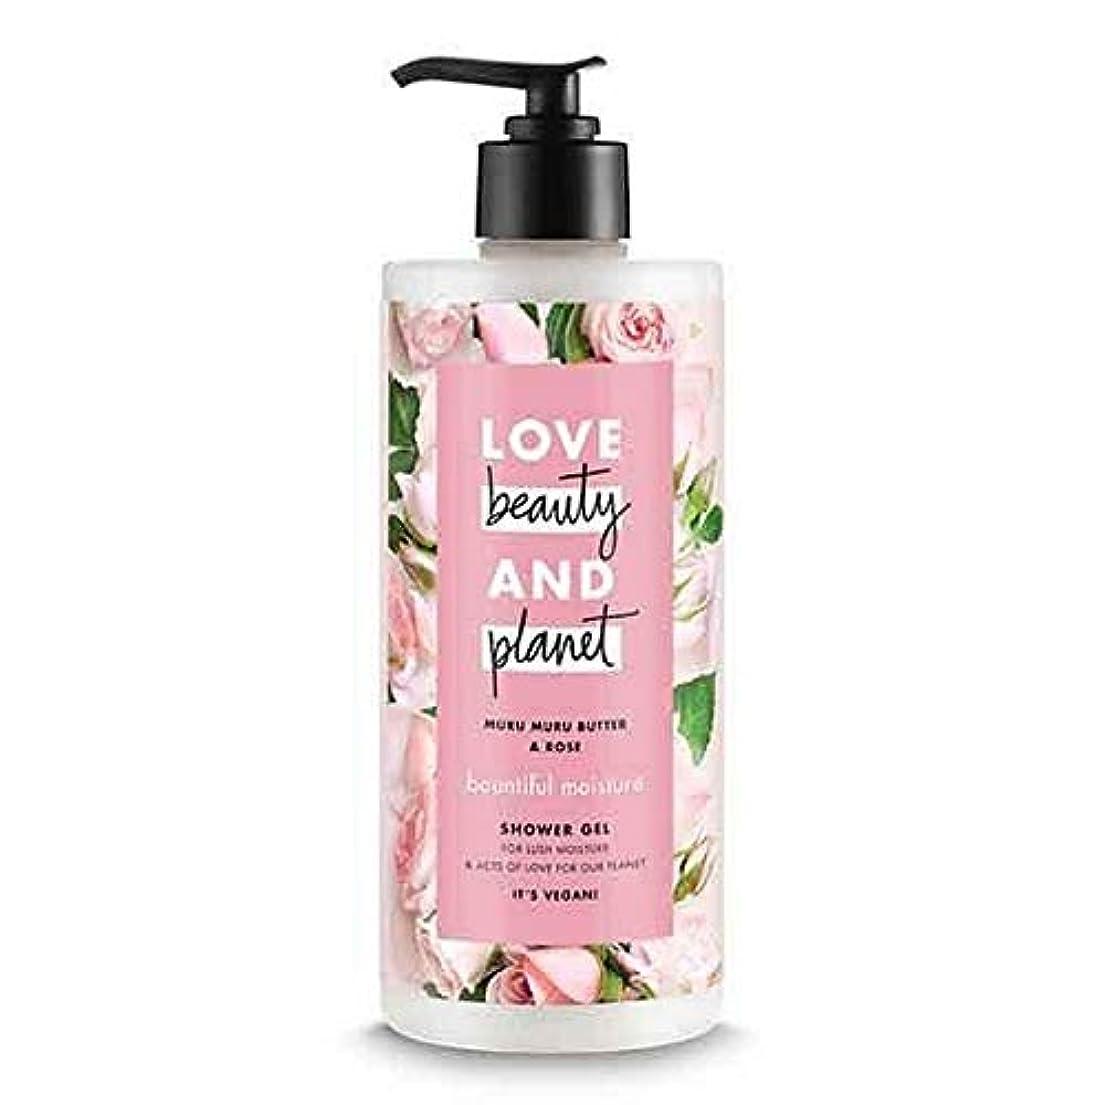 同意クスコバルク[Love Beauty and Planet ] 美しさと豊かな惑星水分シャワージェル500ミリリットルを愛します - Love Beauty And Planet Bountiful Moisture Shower...